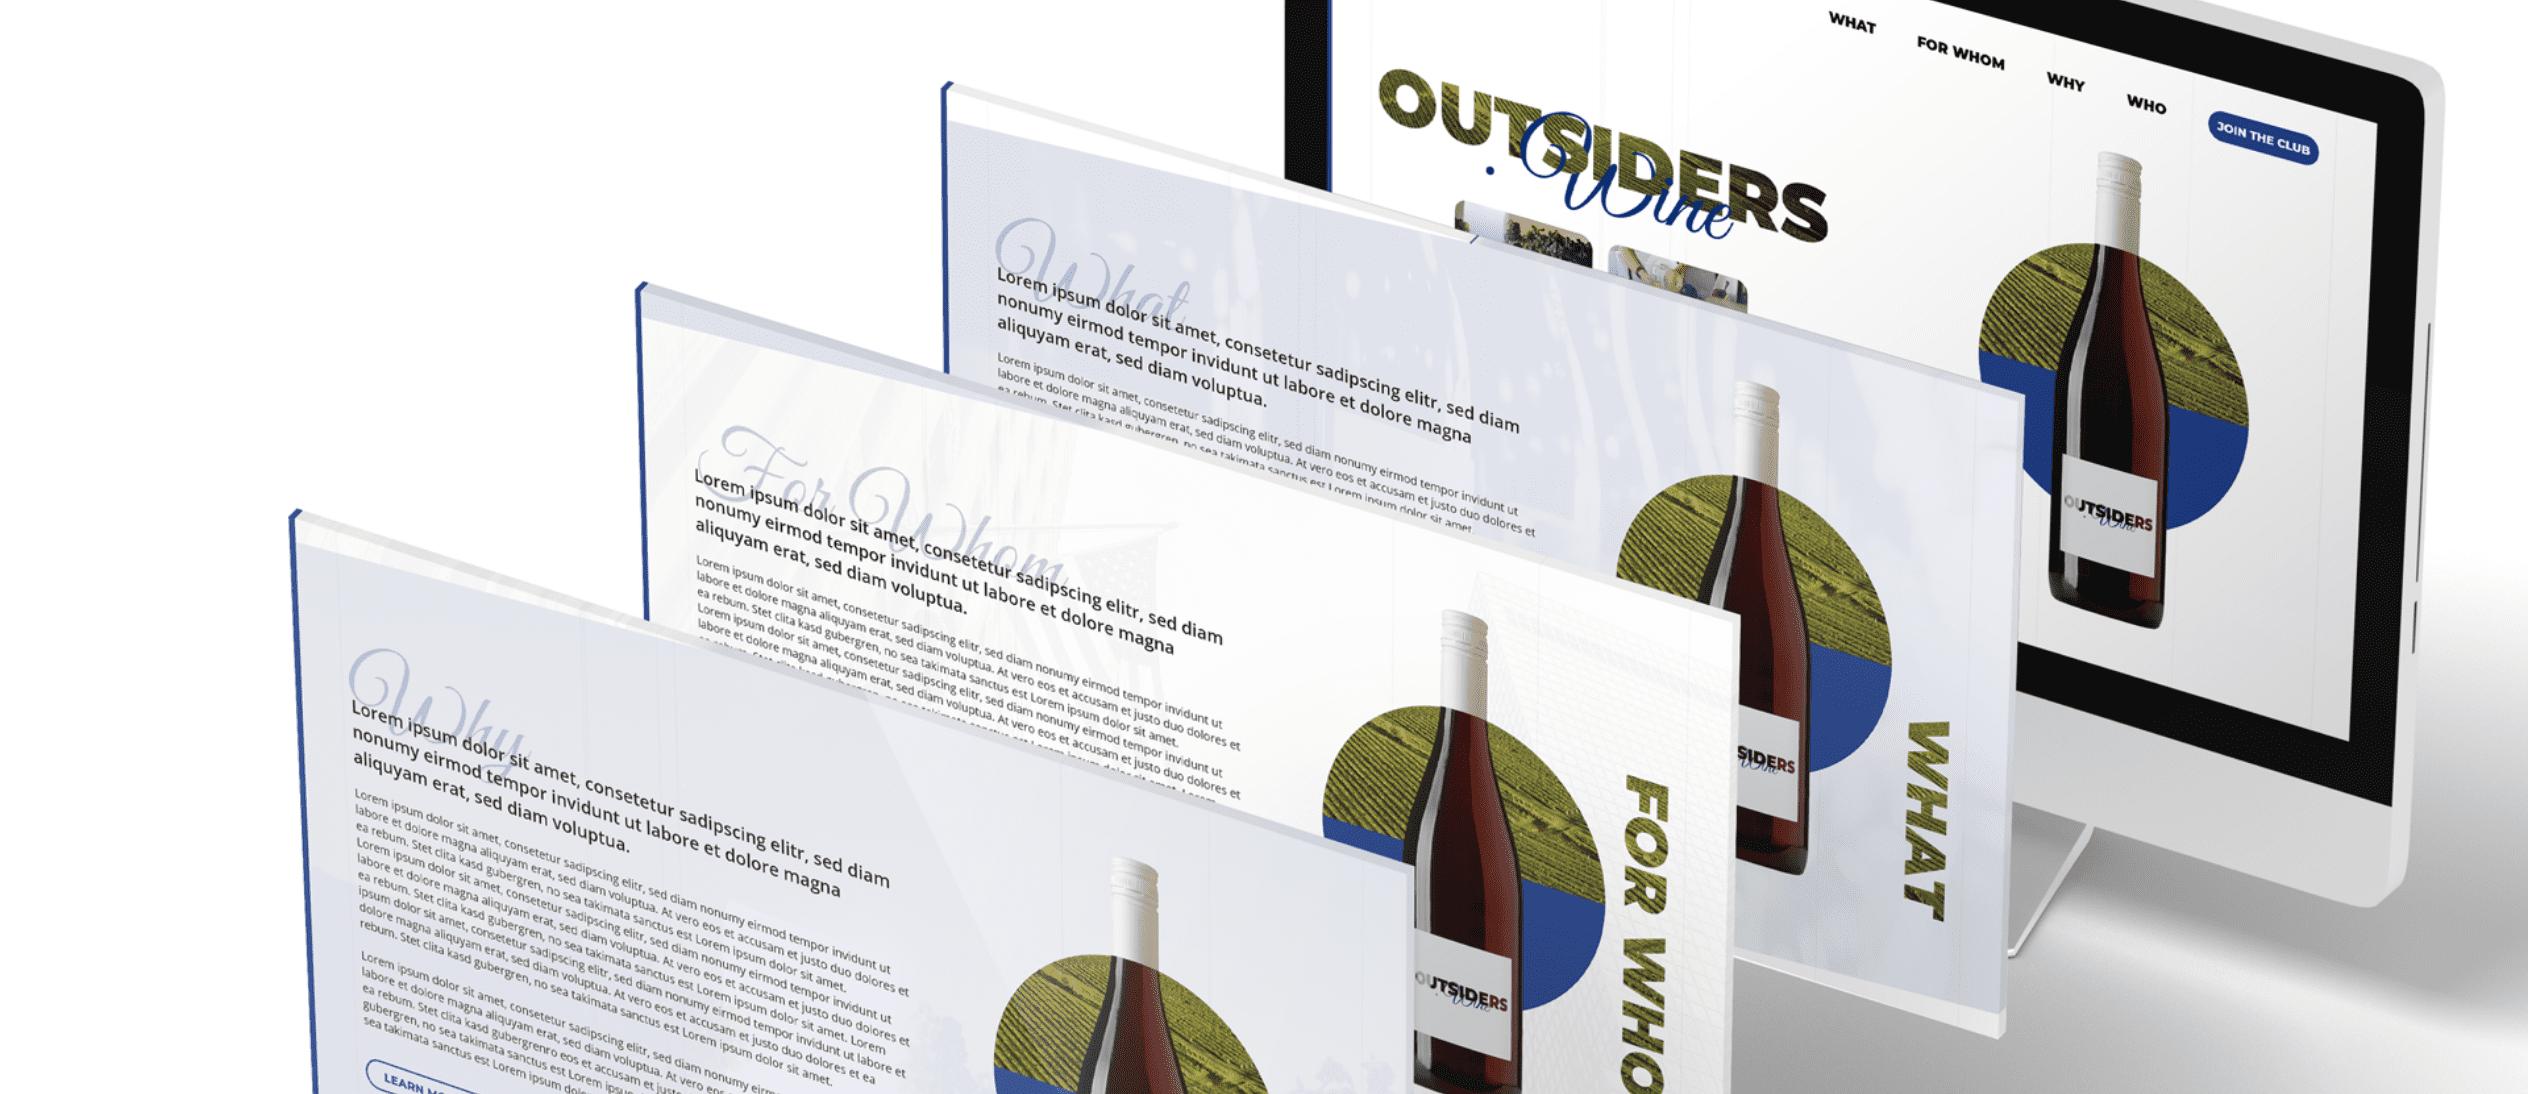 Outsiders.wine 3 - Arnaud Le Roux - Directeur Artistique Digital & Développeur Front-End